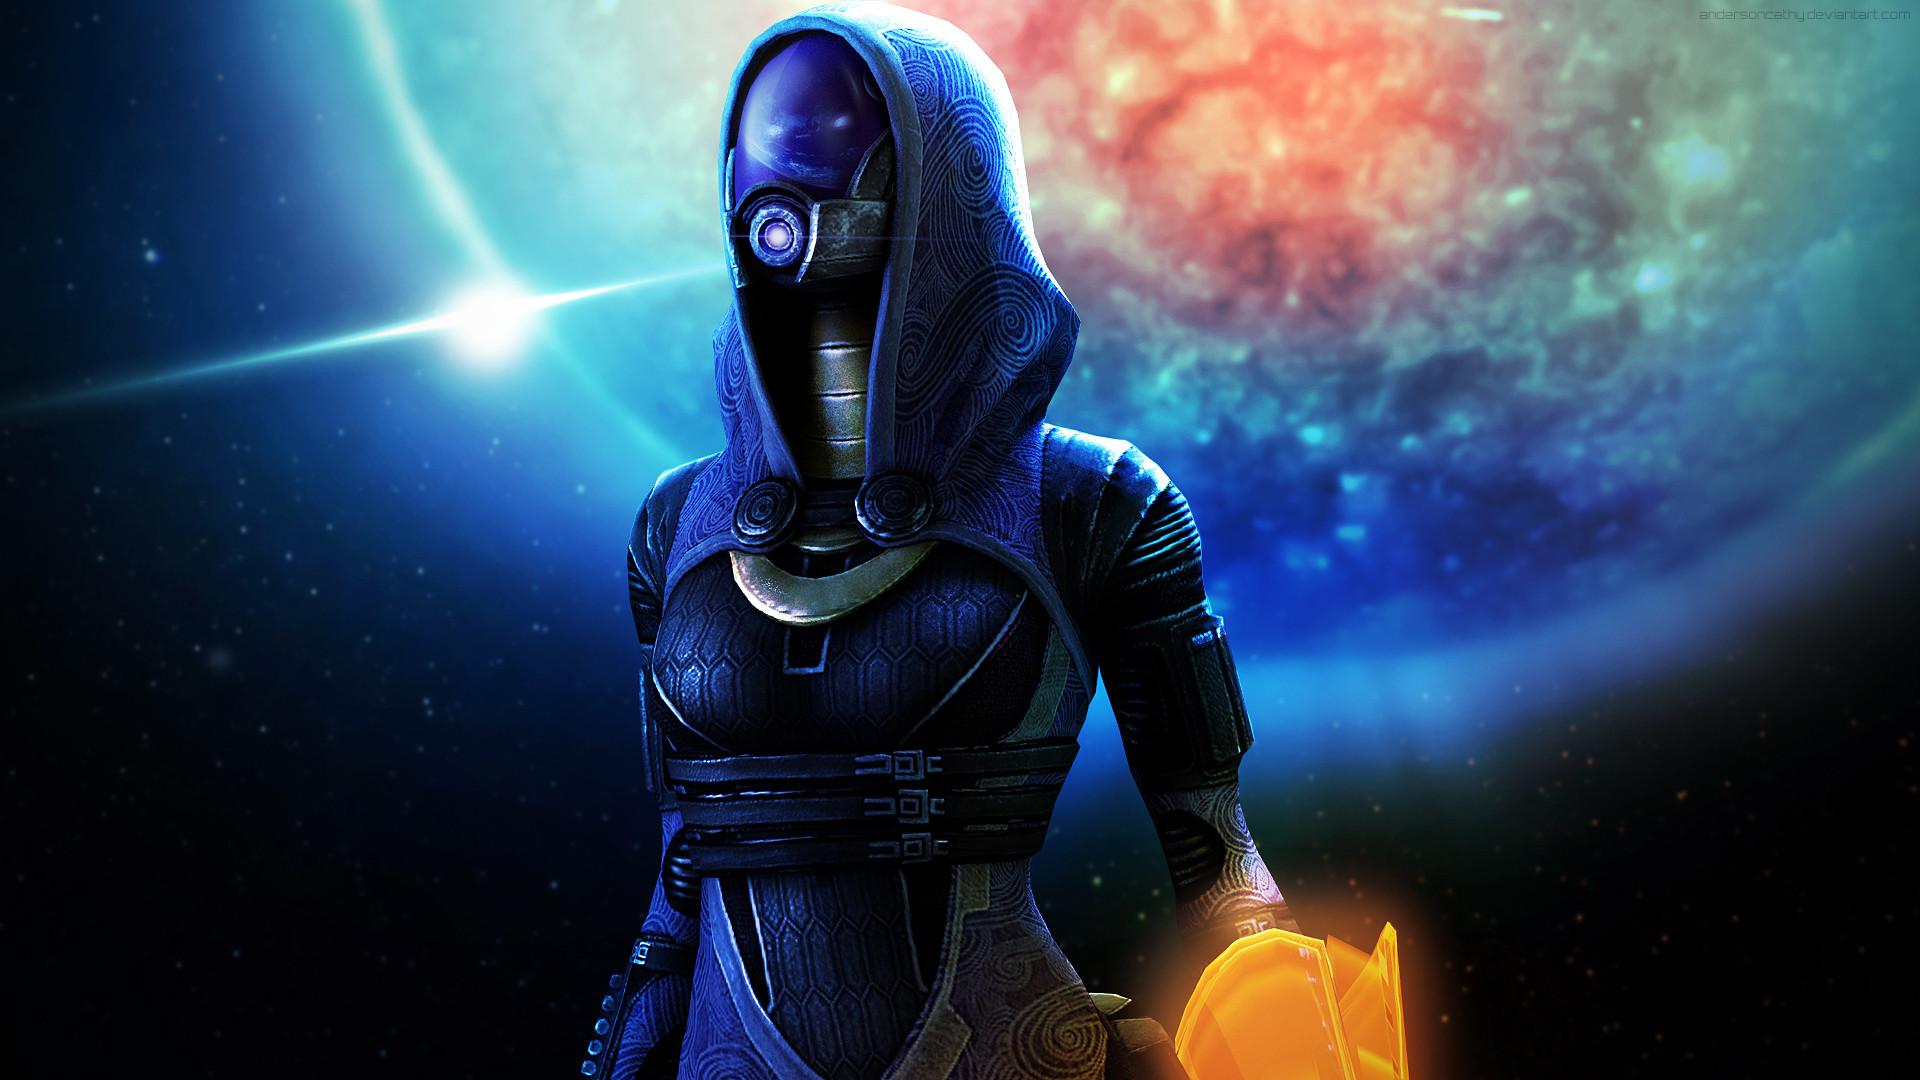 Mass Effect Tali Wallpaper Wallpapertag